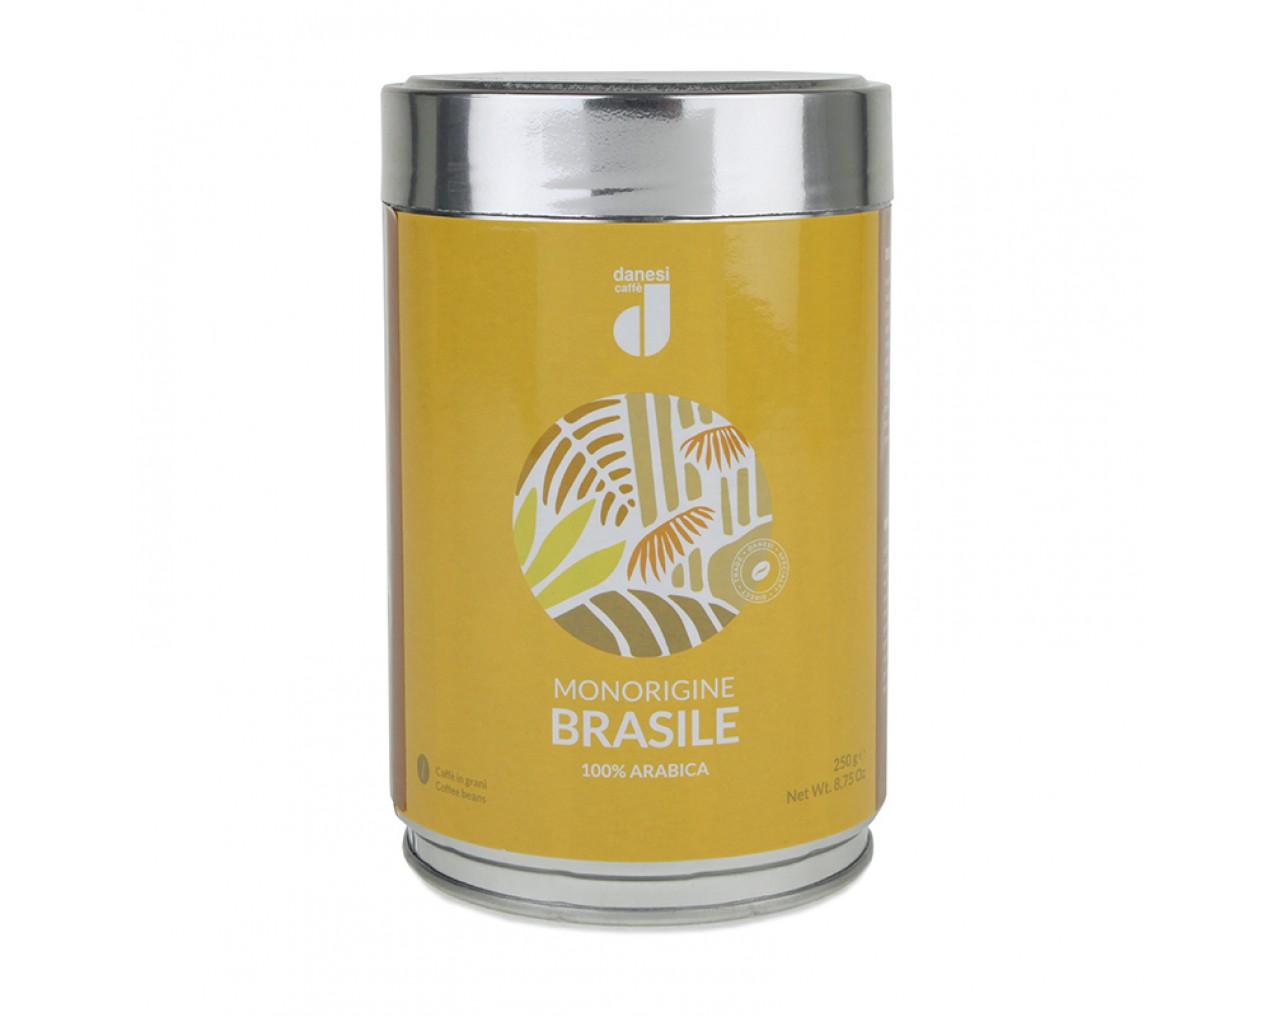 Danesi 100% Arabica Brasile Single Origin (tin)